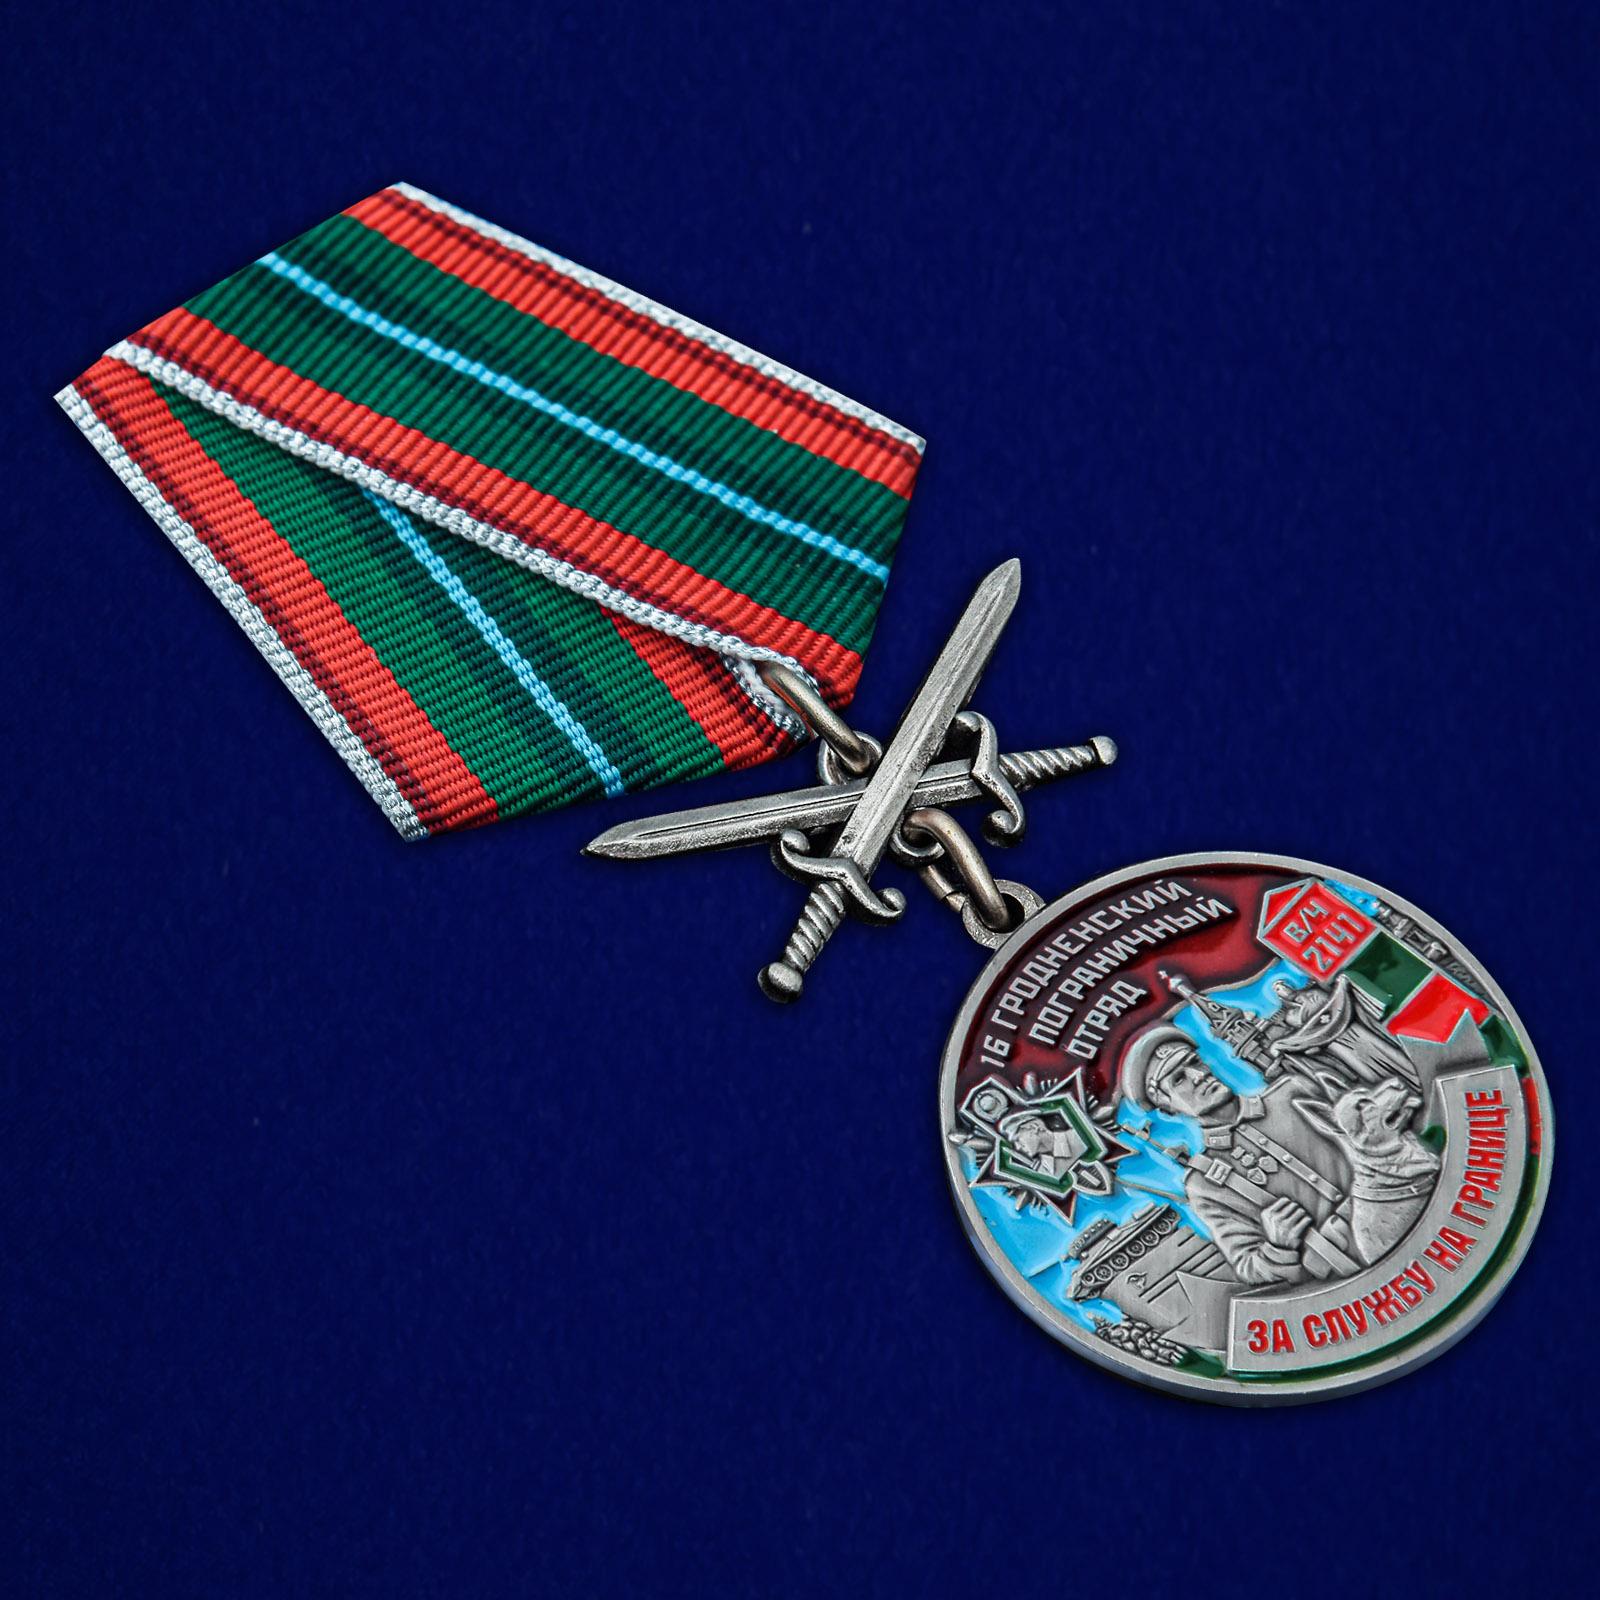 """Купить медаль """"За службу в Гродненском пограничном отряде"""""""